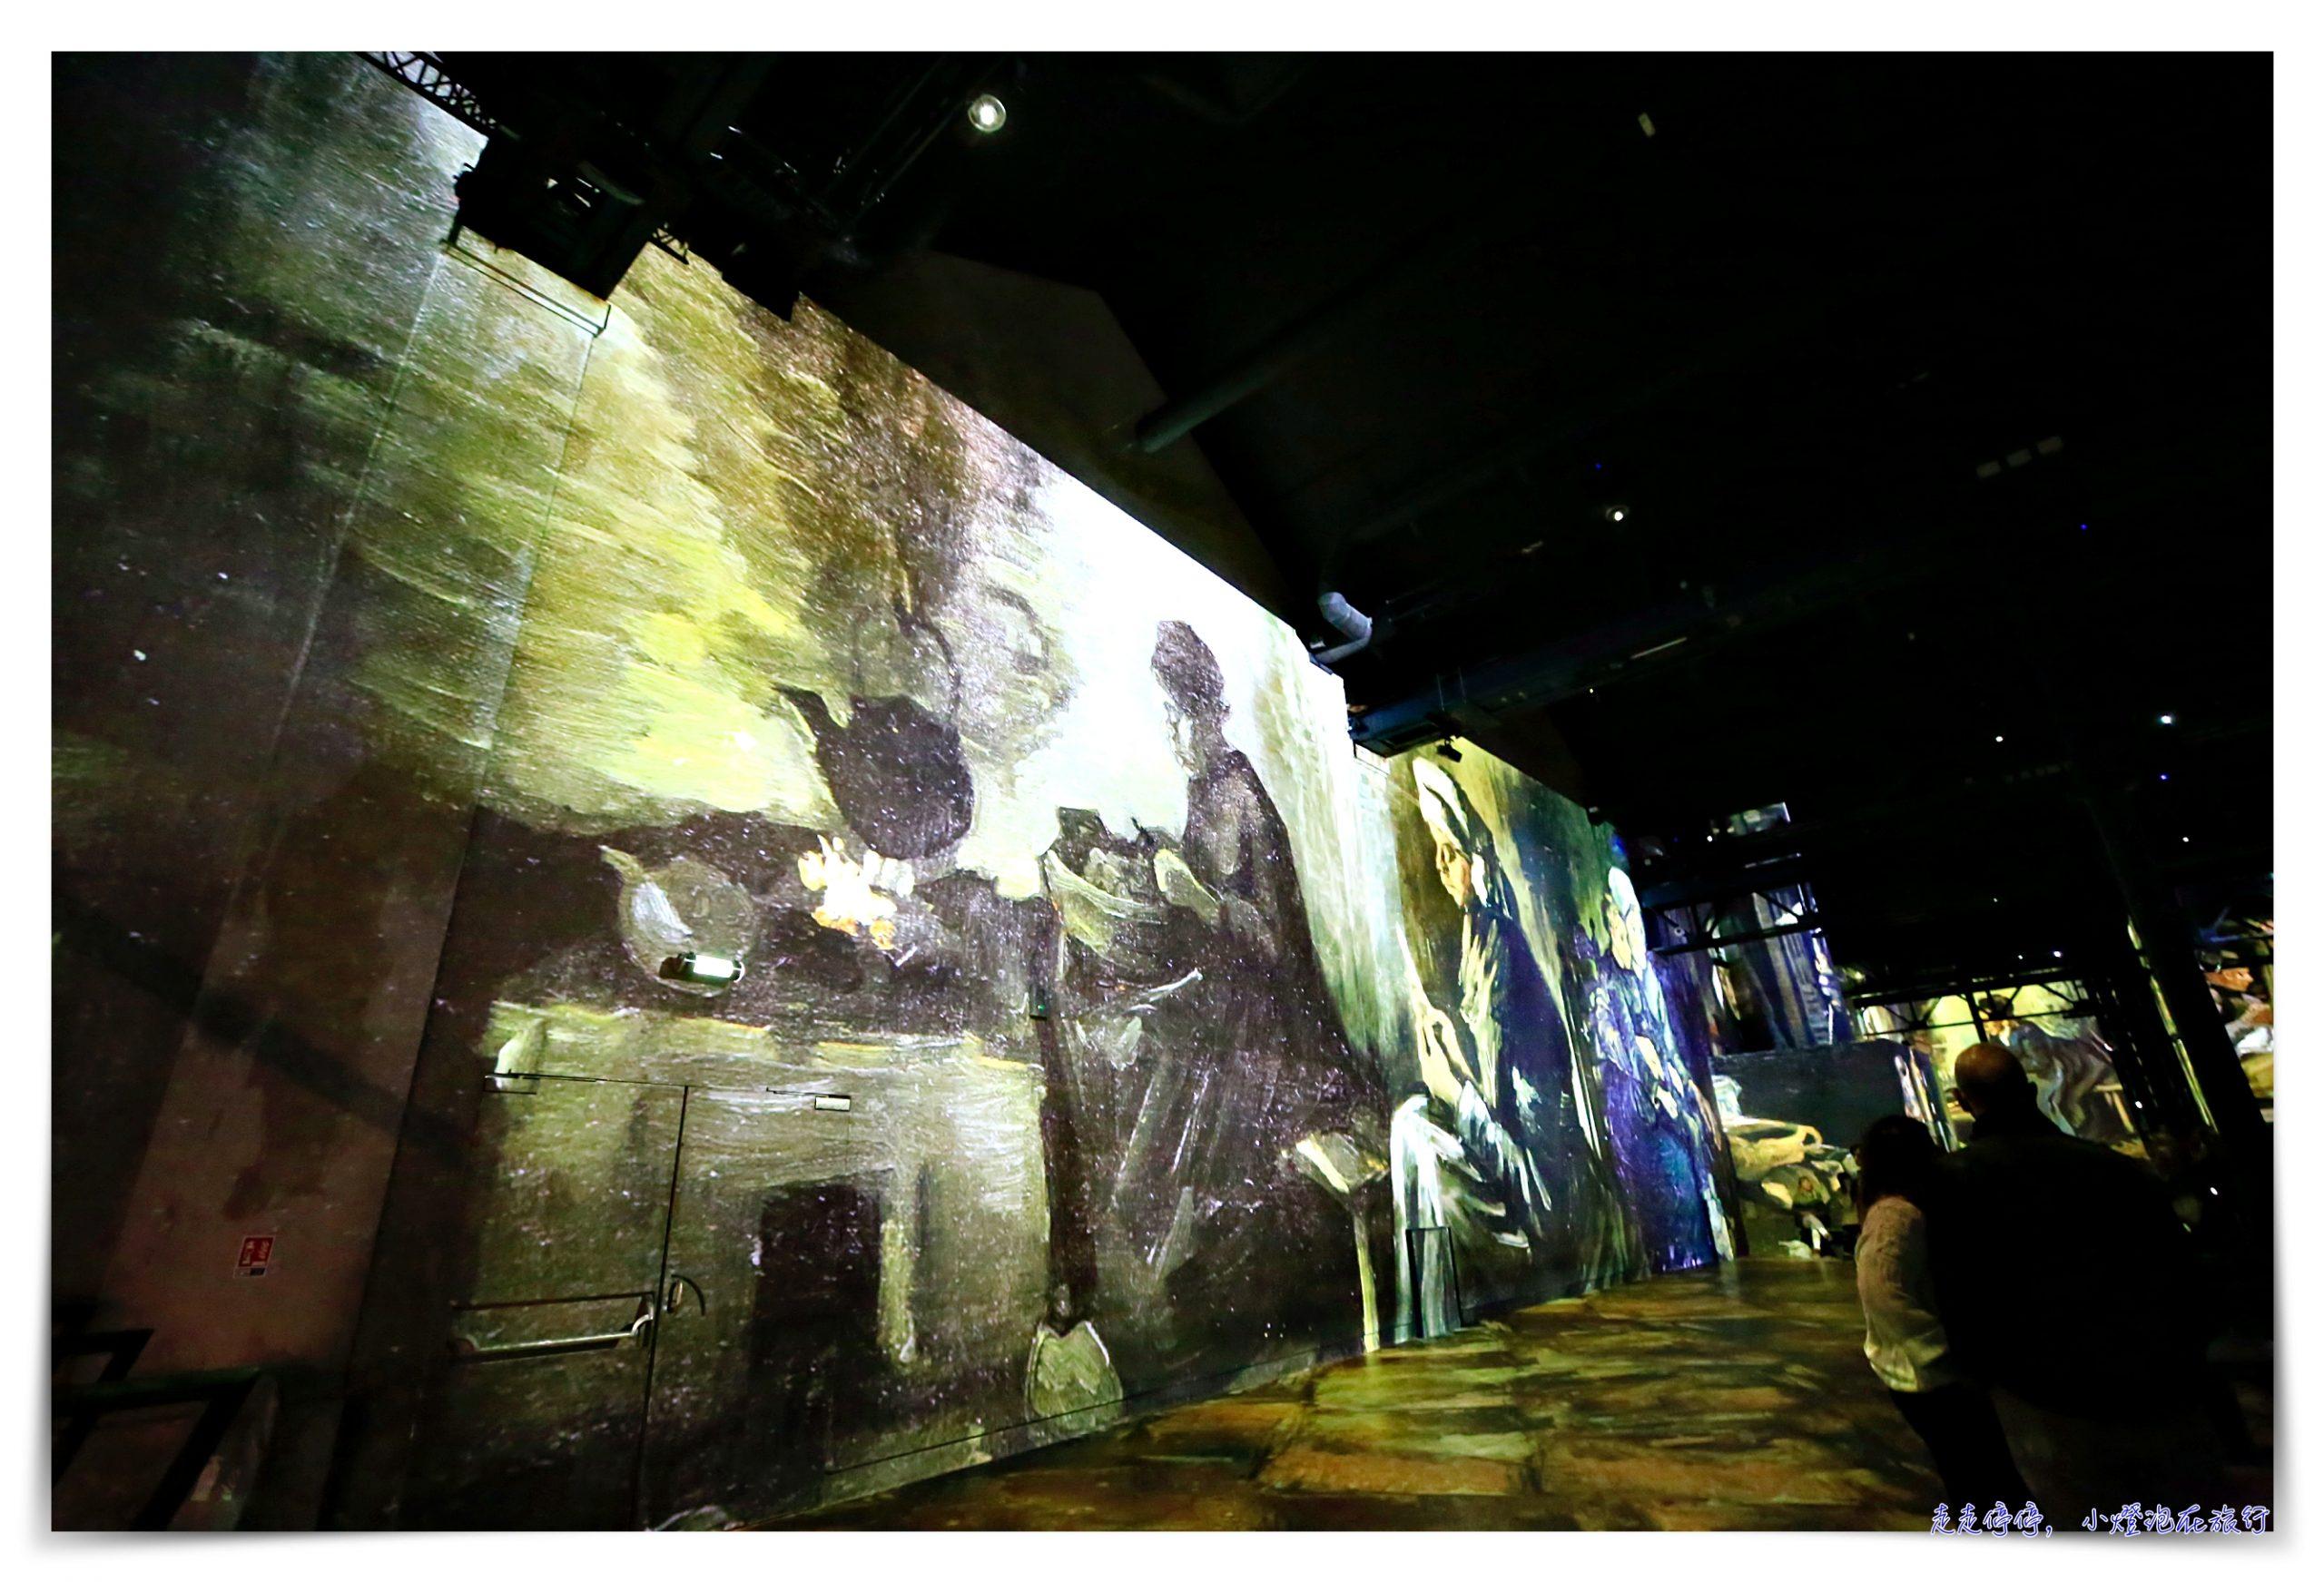 梵谷光影展|法國巴黎現場參觀心得,迷戀梵谷X巴黎~梵谷迷不可錯過的盛事~